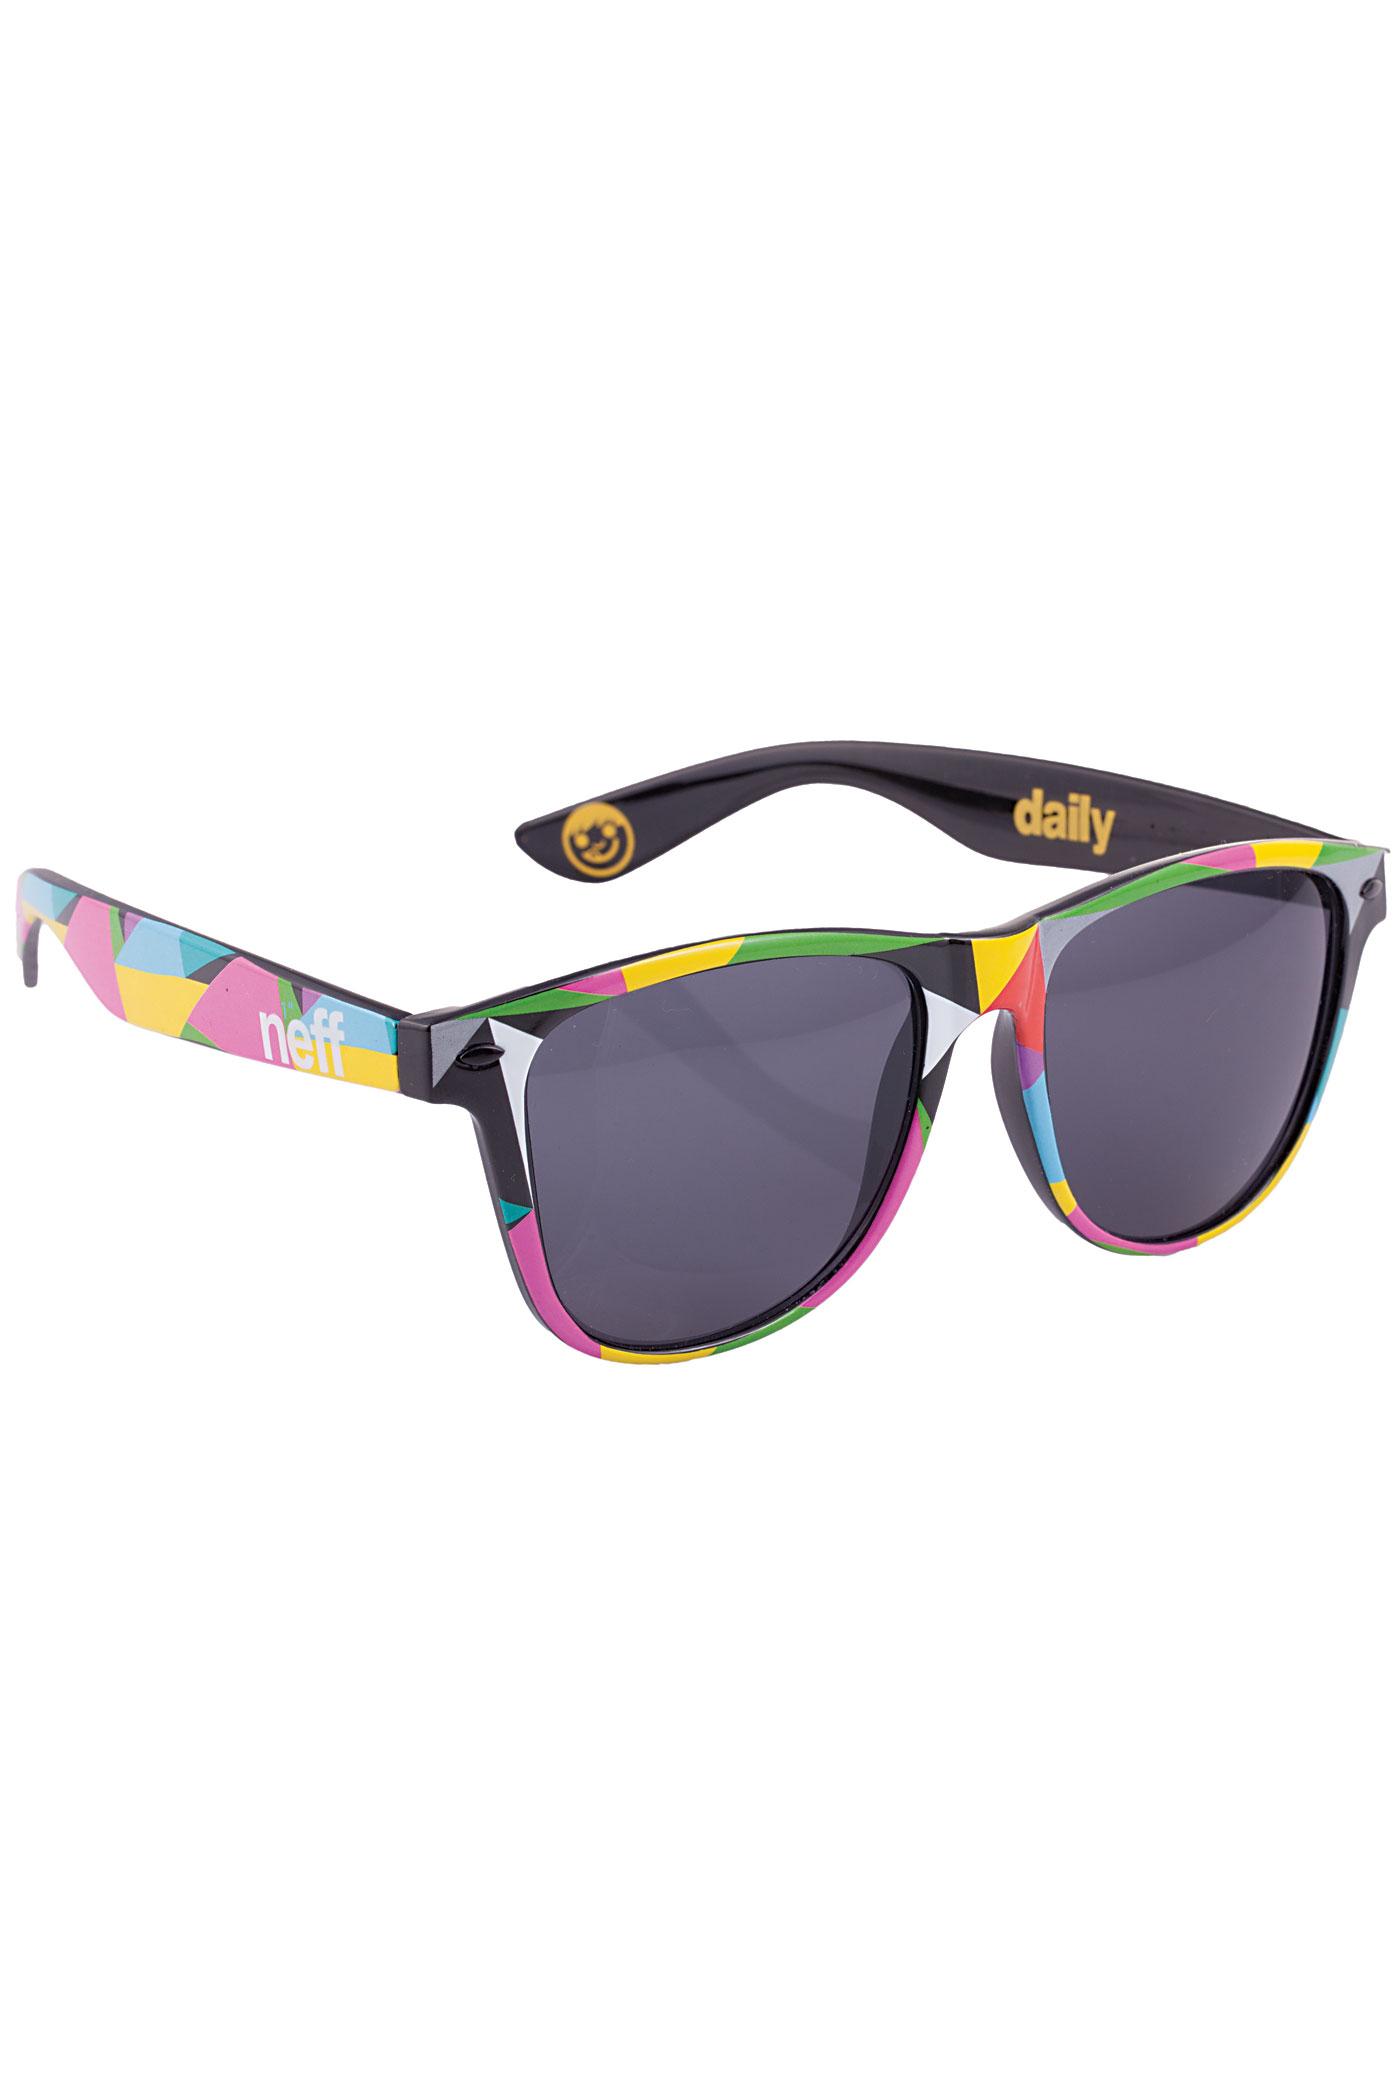 Neff daily occhiali da sole abstract fare acquisti su - Neff elettrodomestici recensioni ...